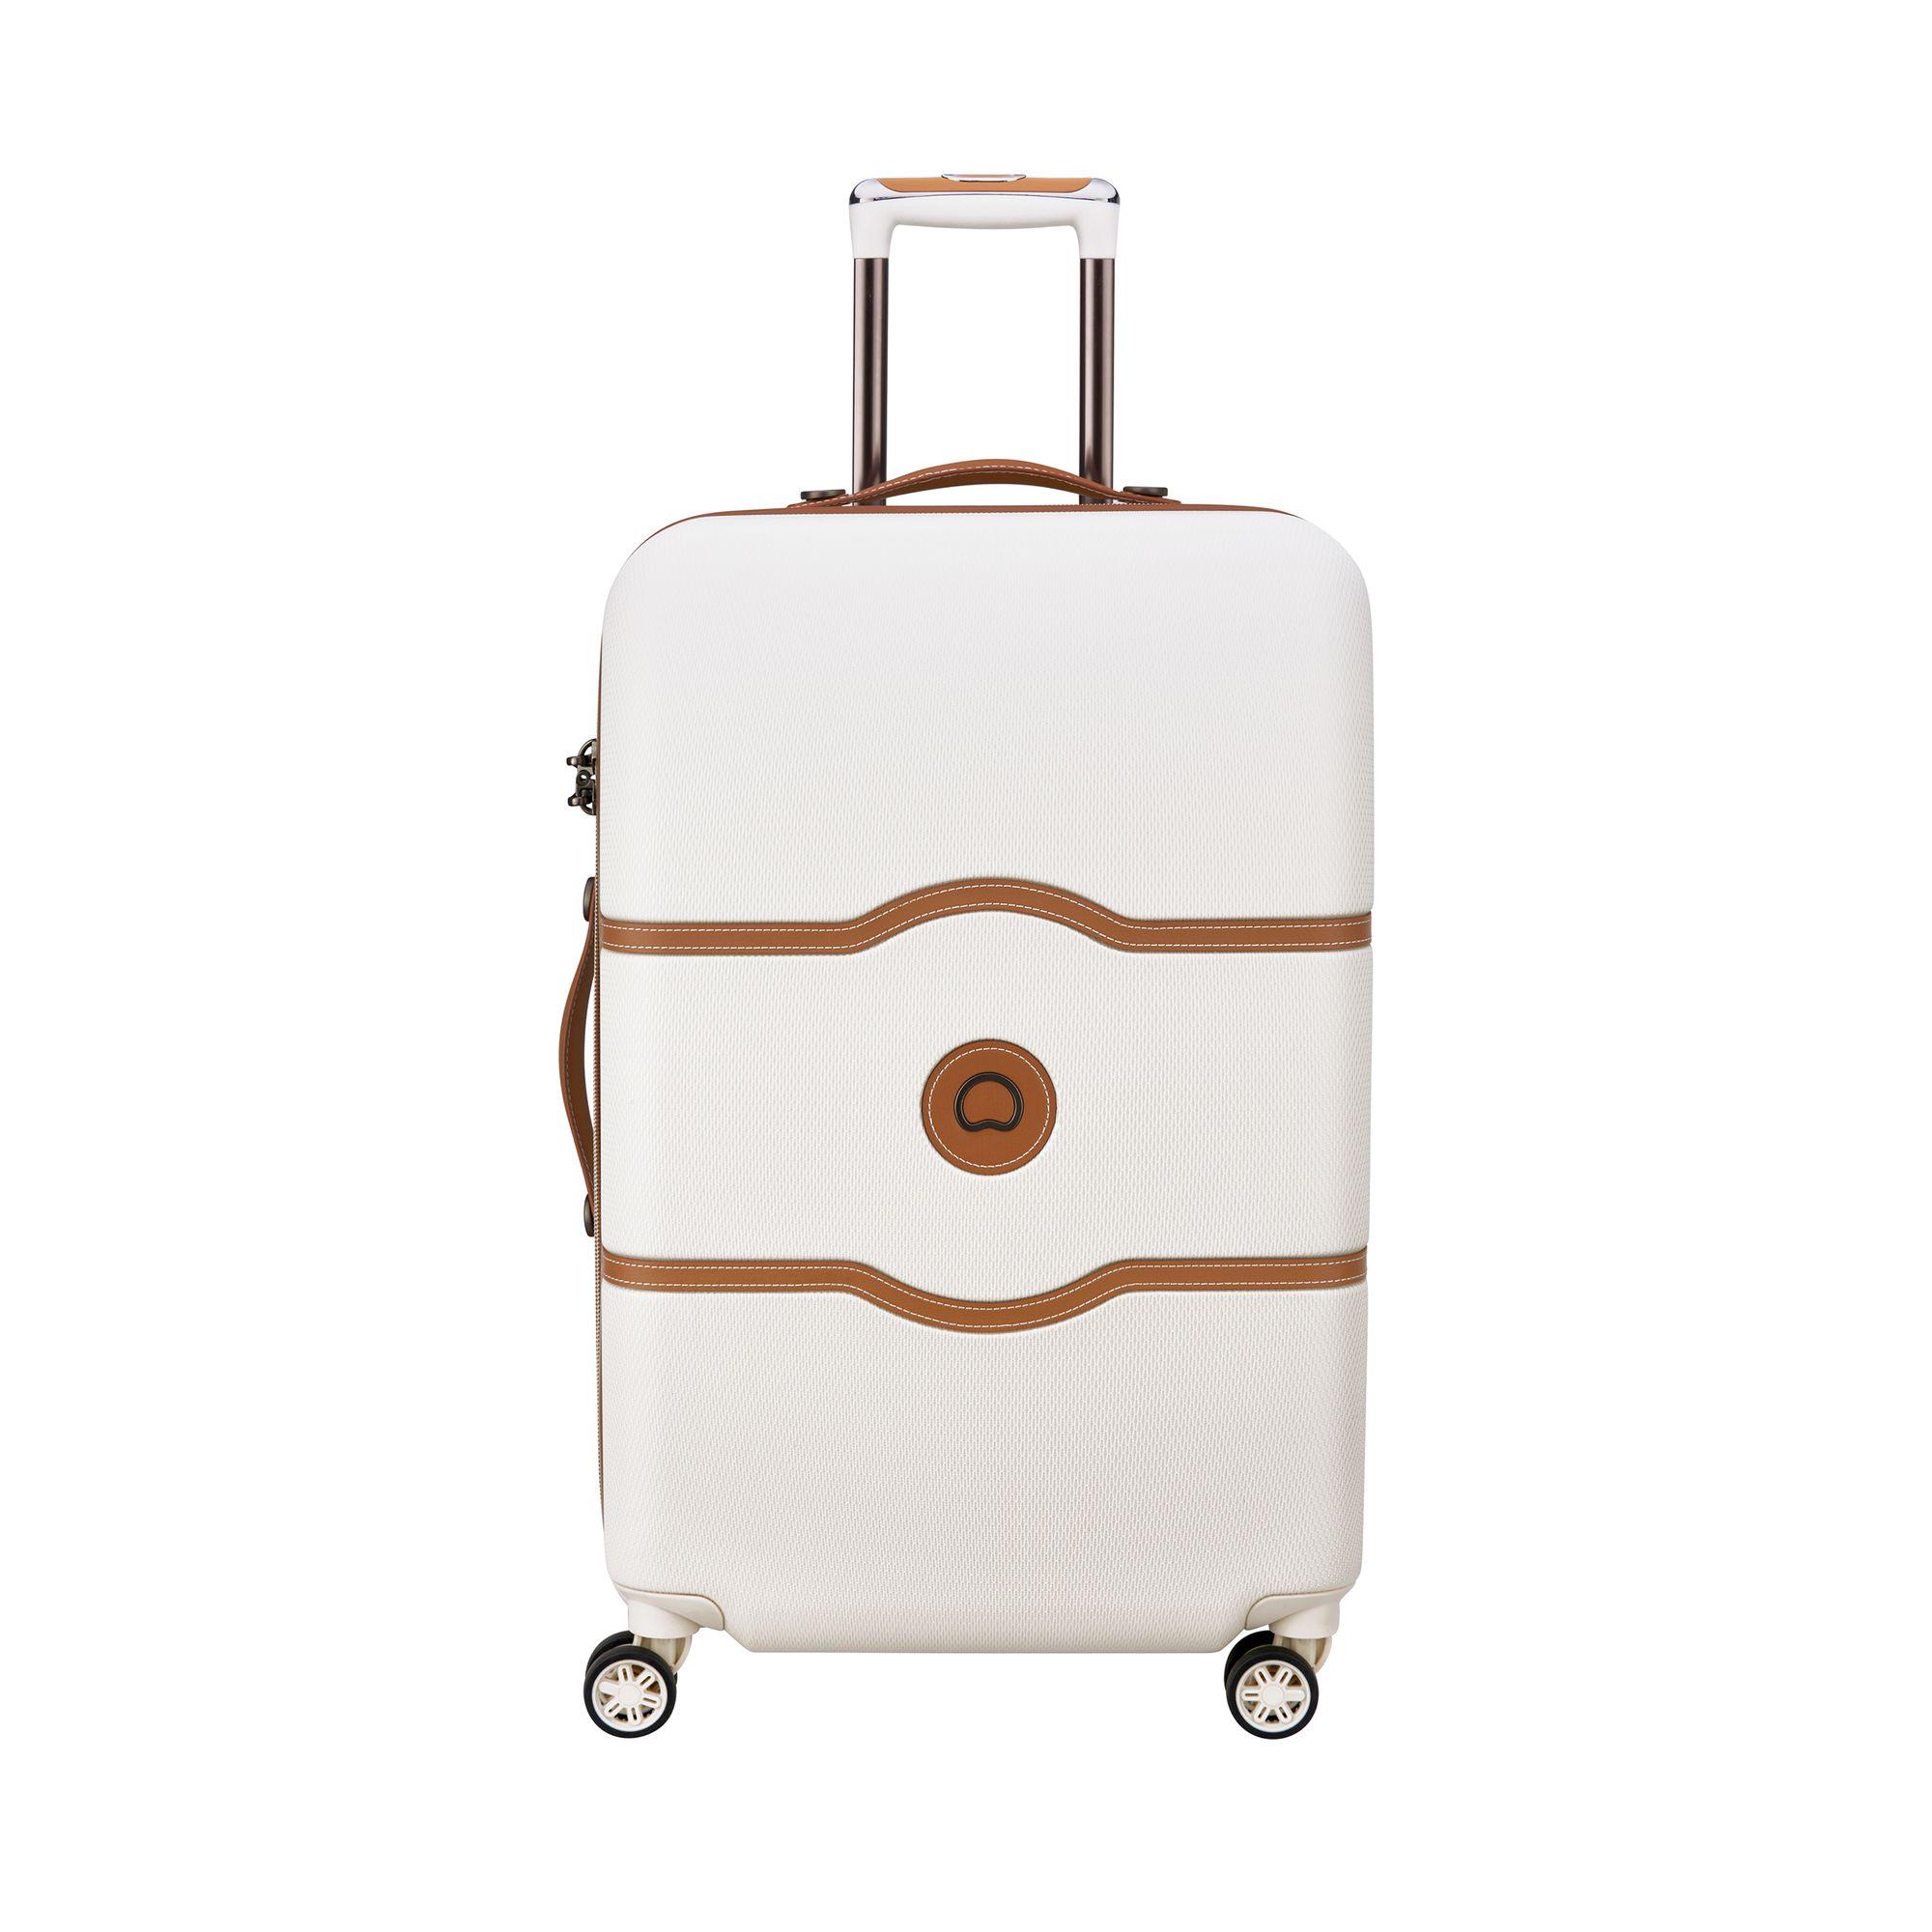 Delsey Chatelet Air hård resväska, 4 hjul, 69 cm, Vit